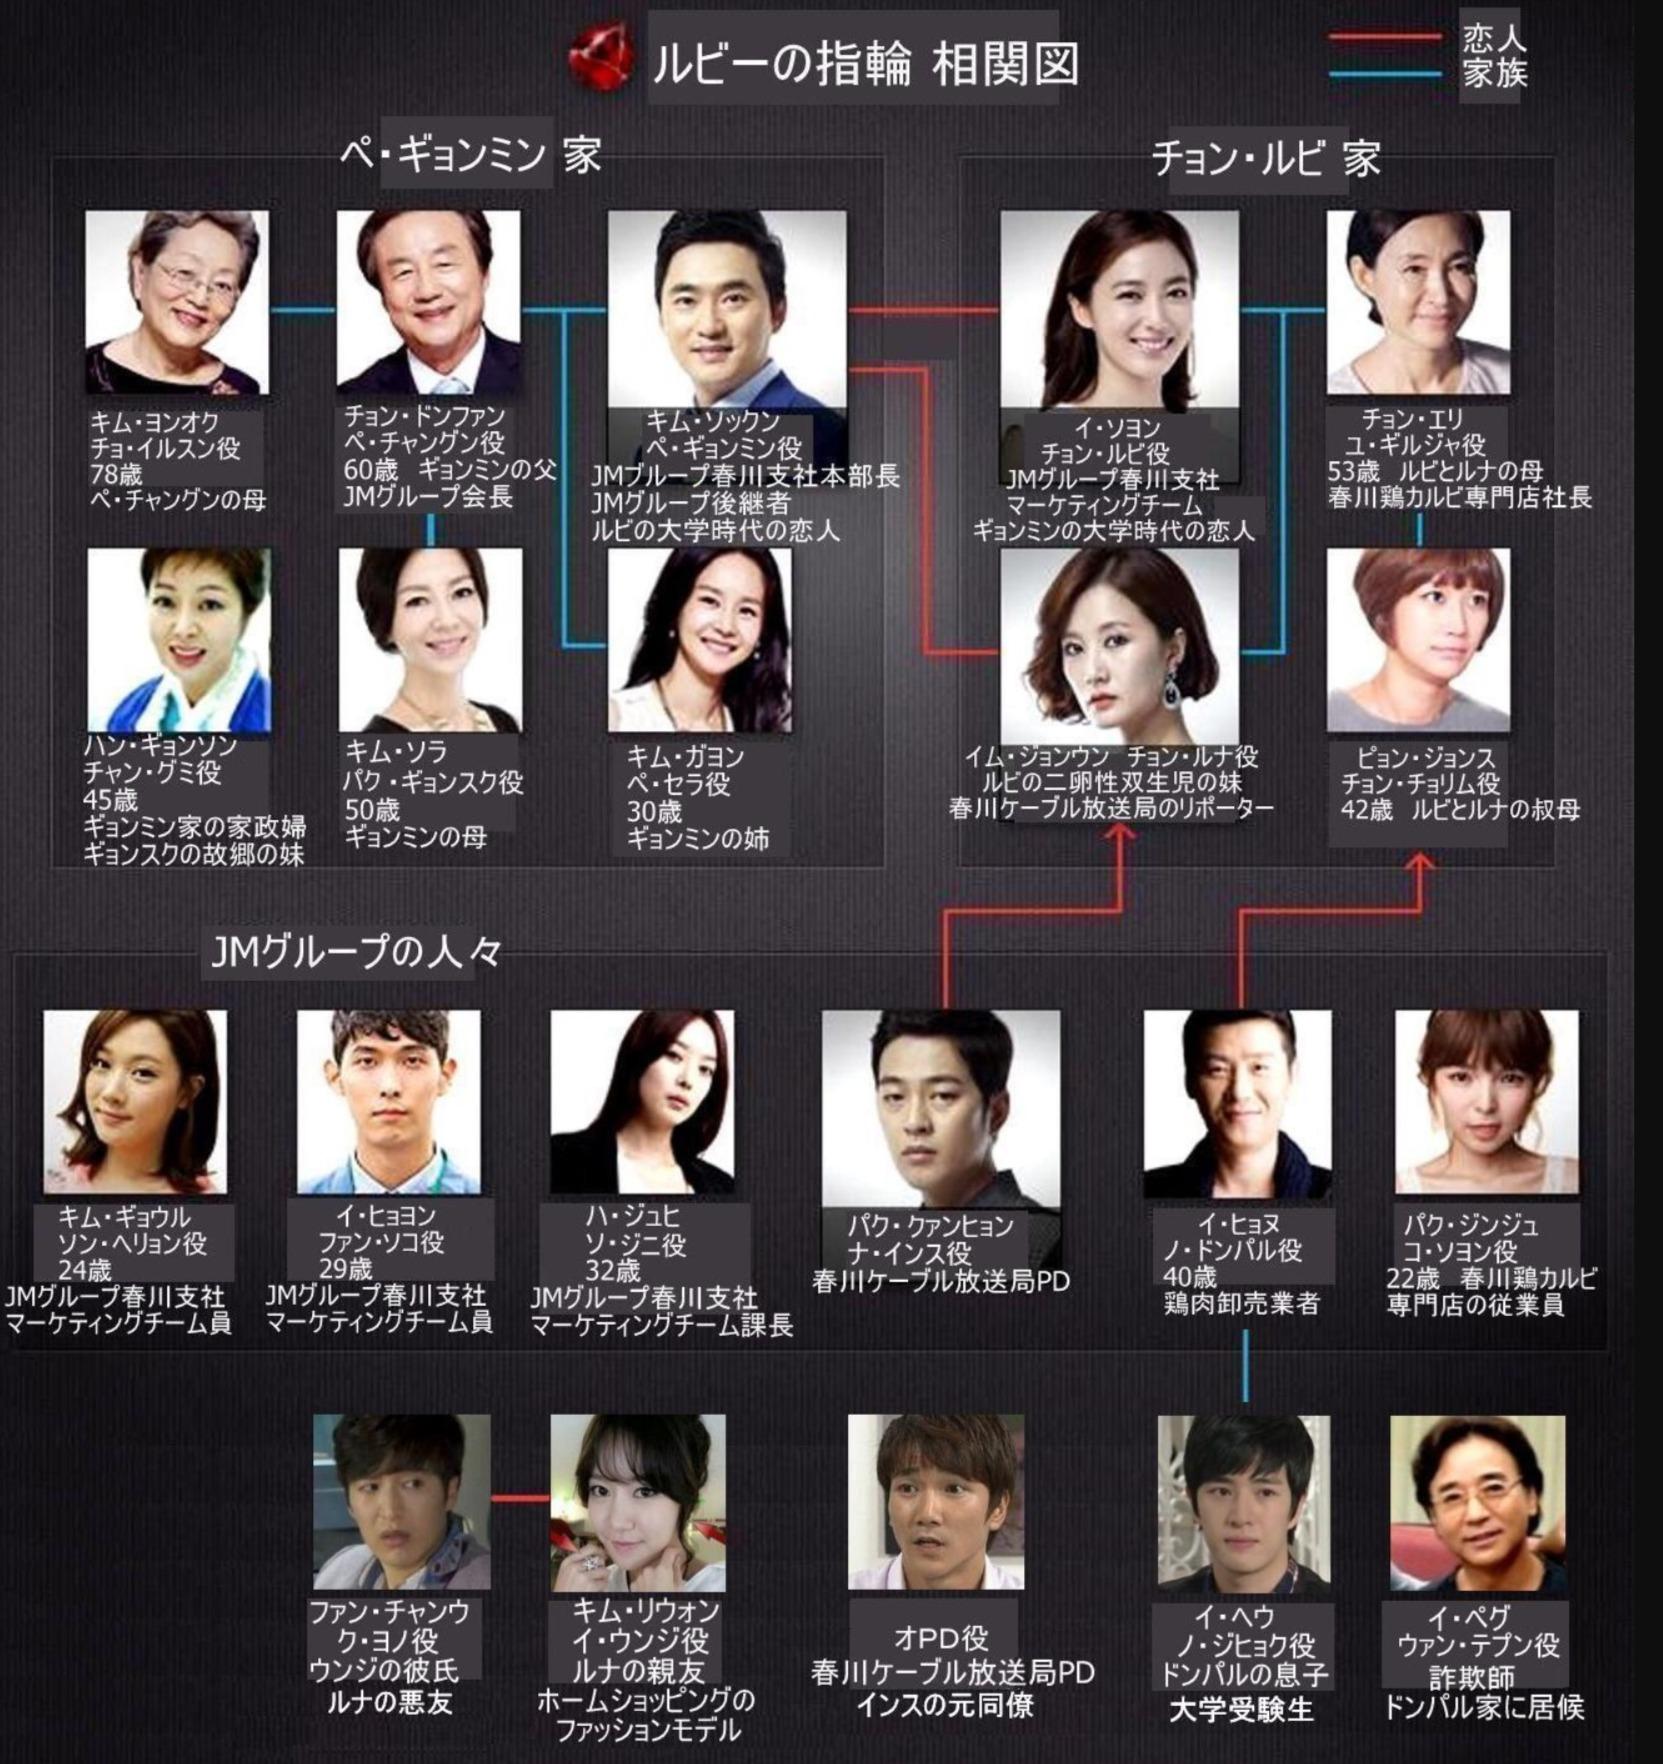 韓国ドラマ『ルビーの指輪』登場人物相関図(関係図)